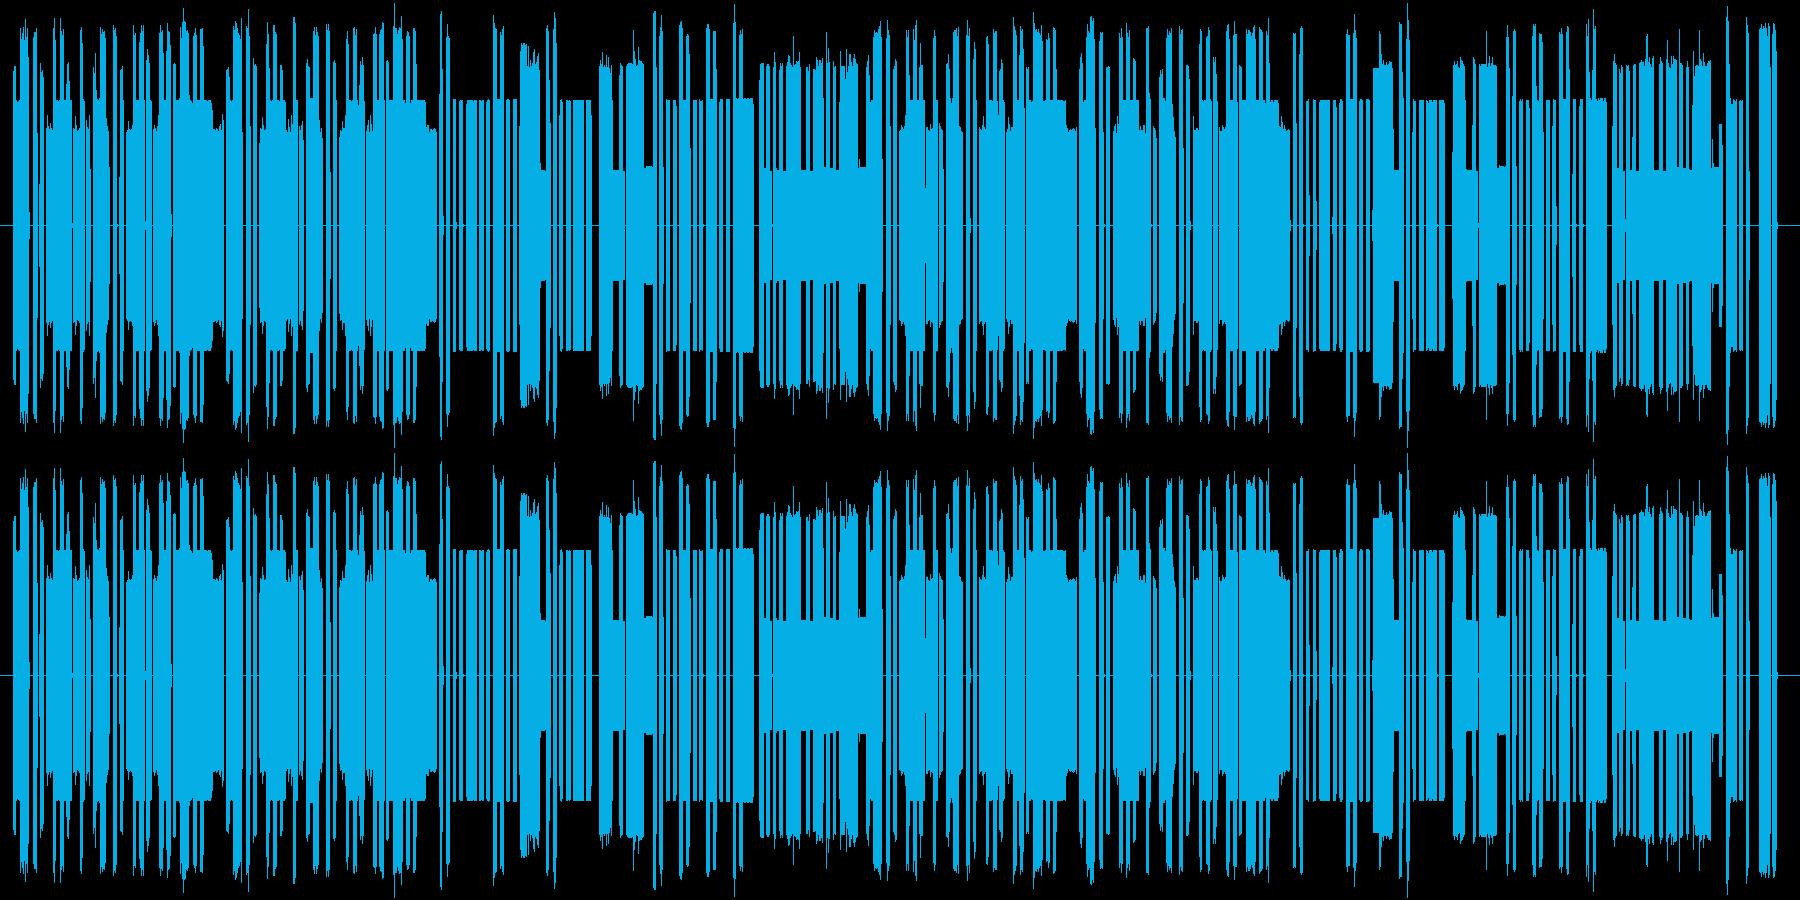 怪しくコミカル8bitの再生済みの波形